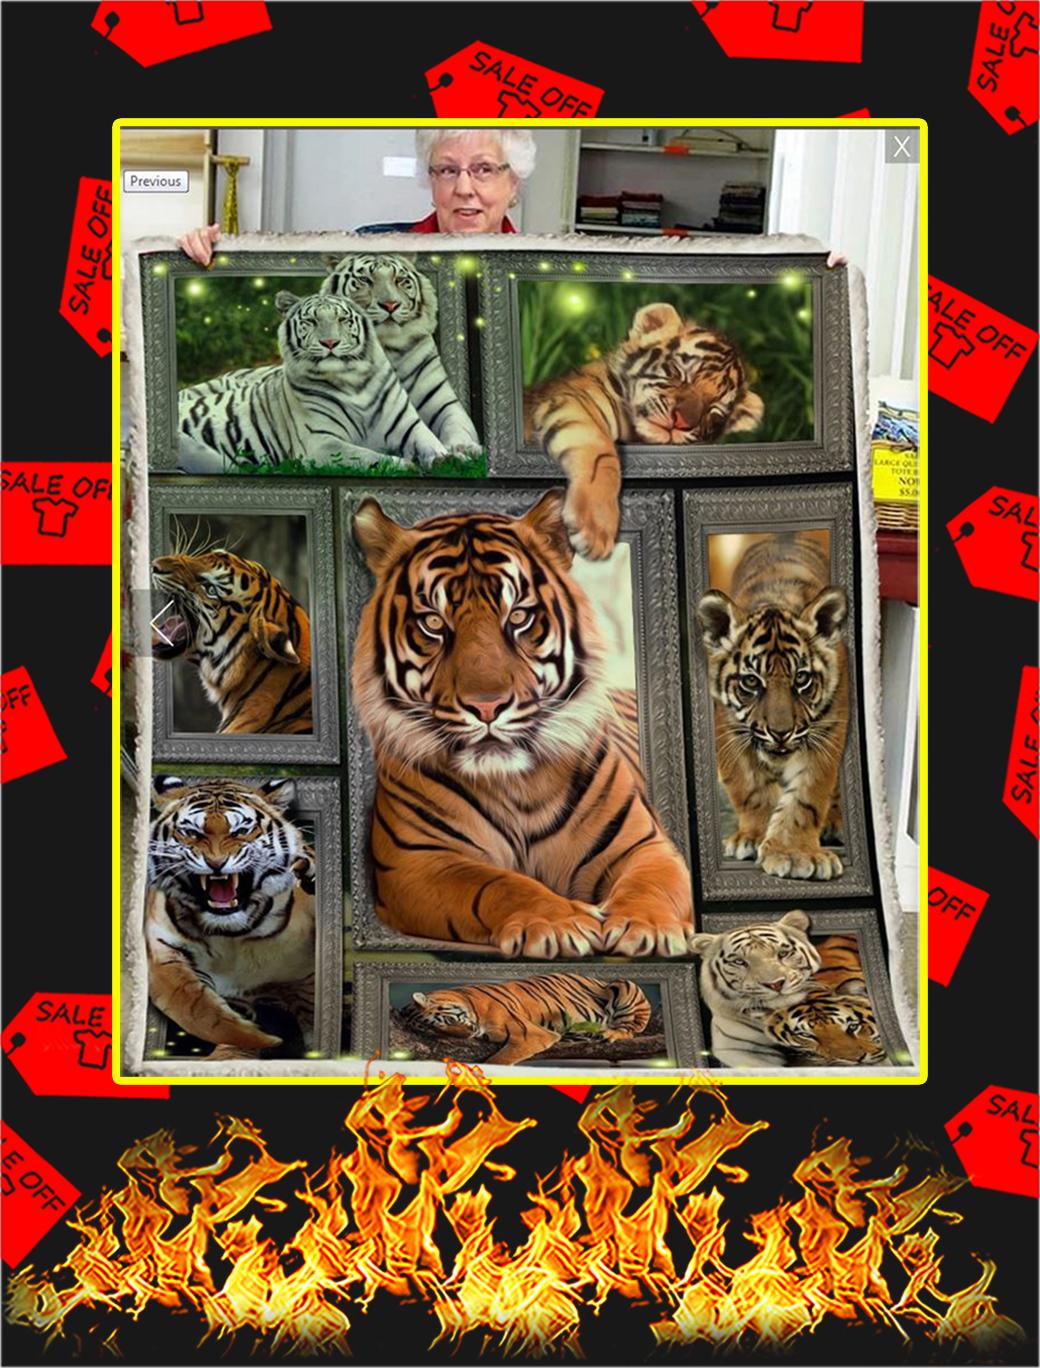 3D Tiger Blanket - x large